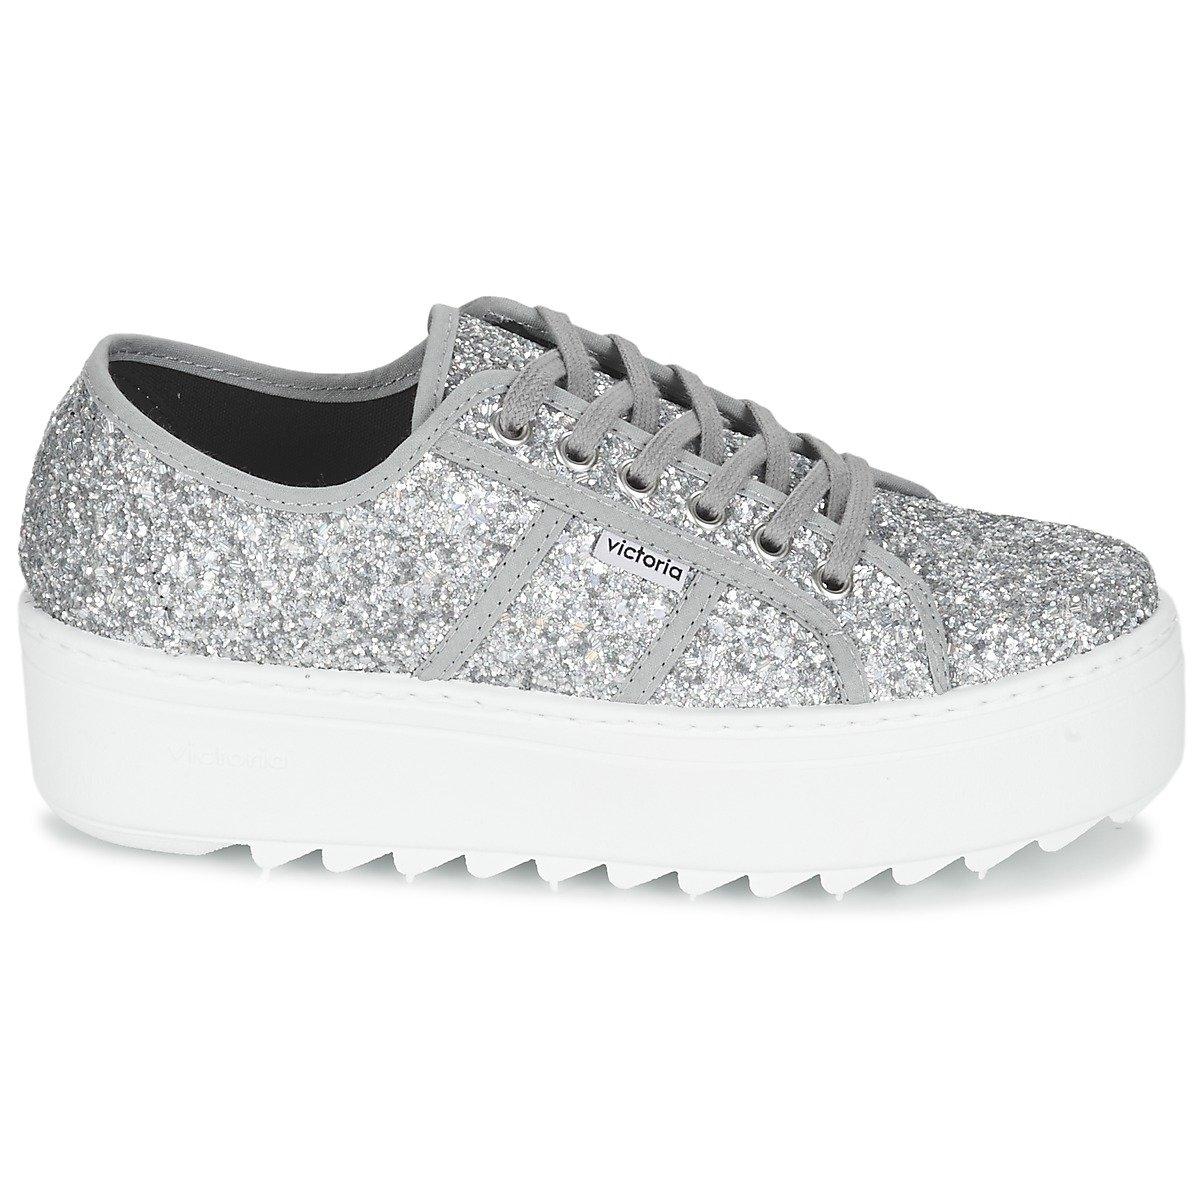 Zapatillas Victoria 09305 - Plataforma Glitter: Amazon.es: Zapatos y complementos